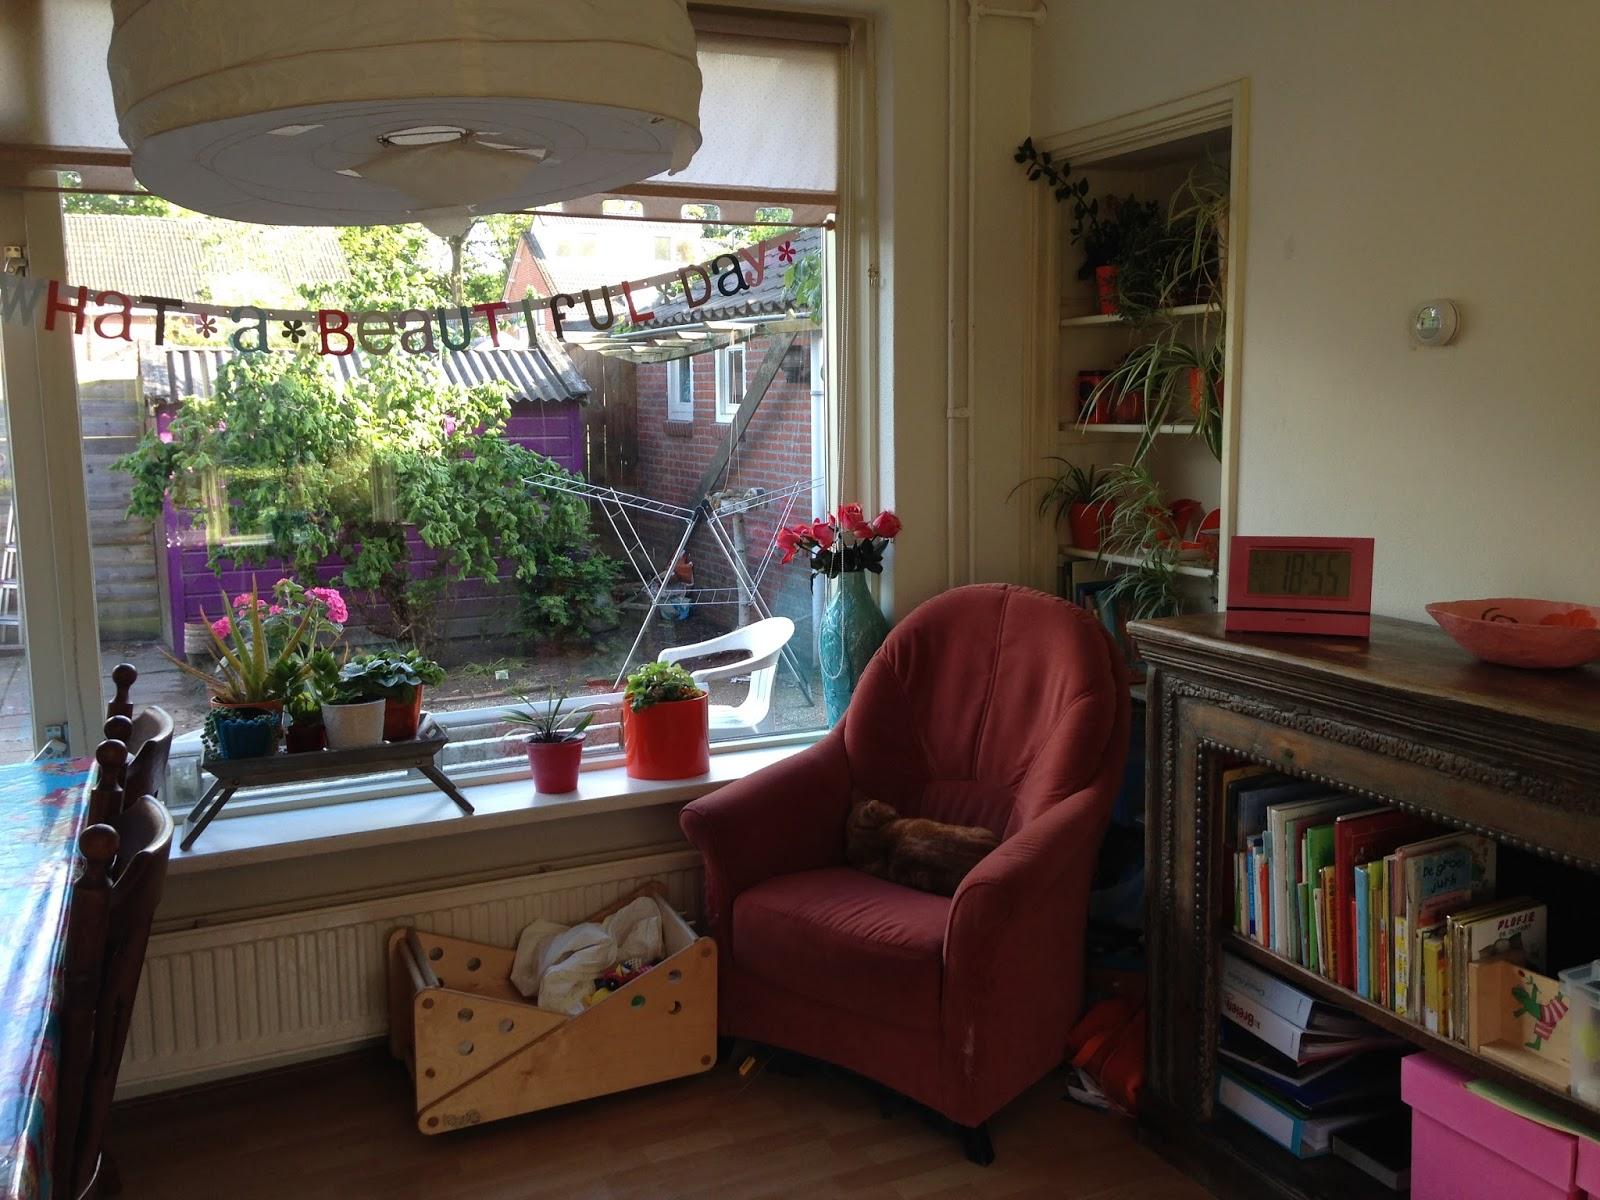 opruimen en bezuinigen: De woonkamer tot nu toe...